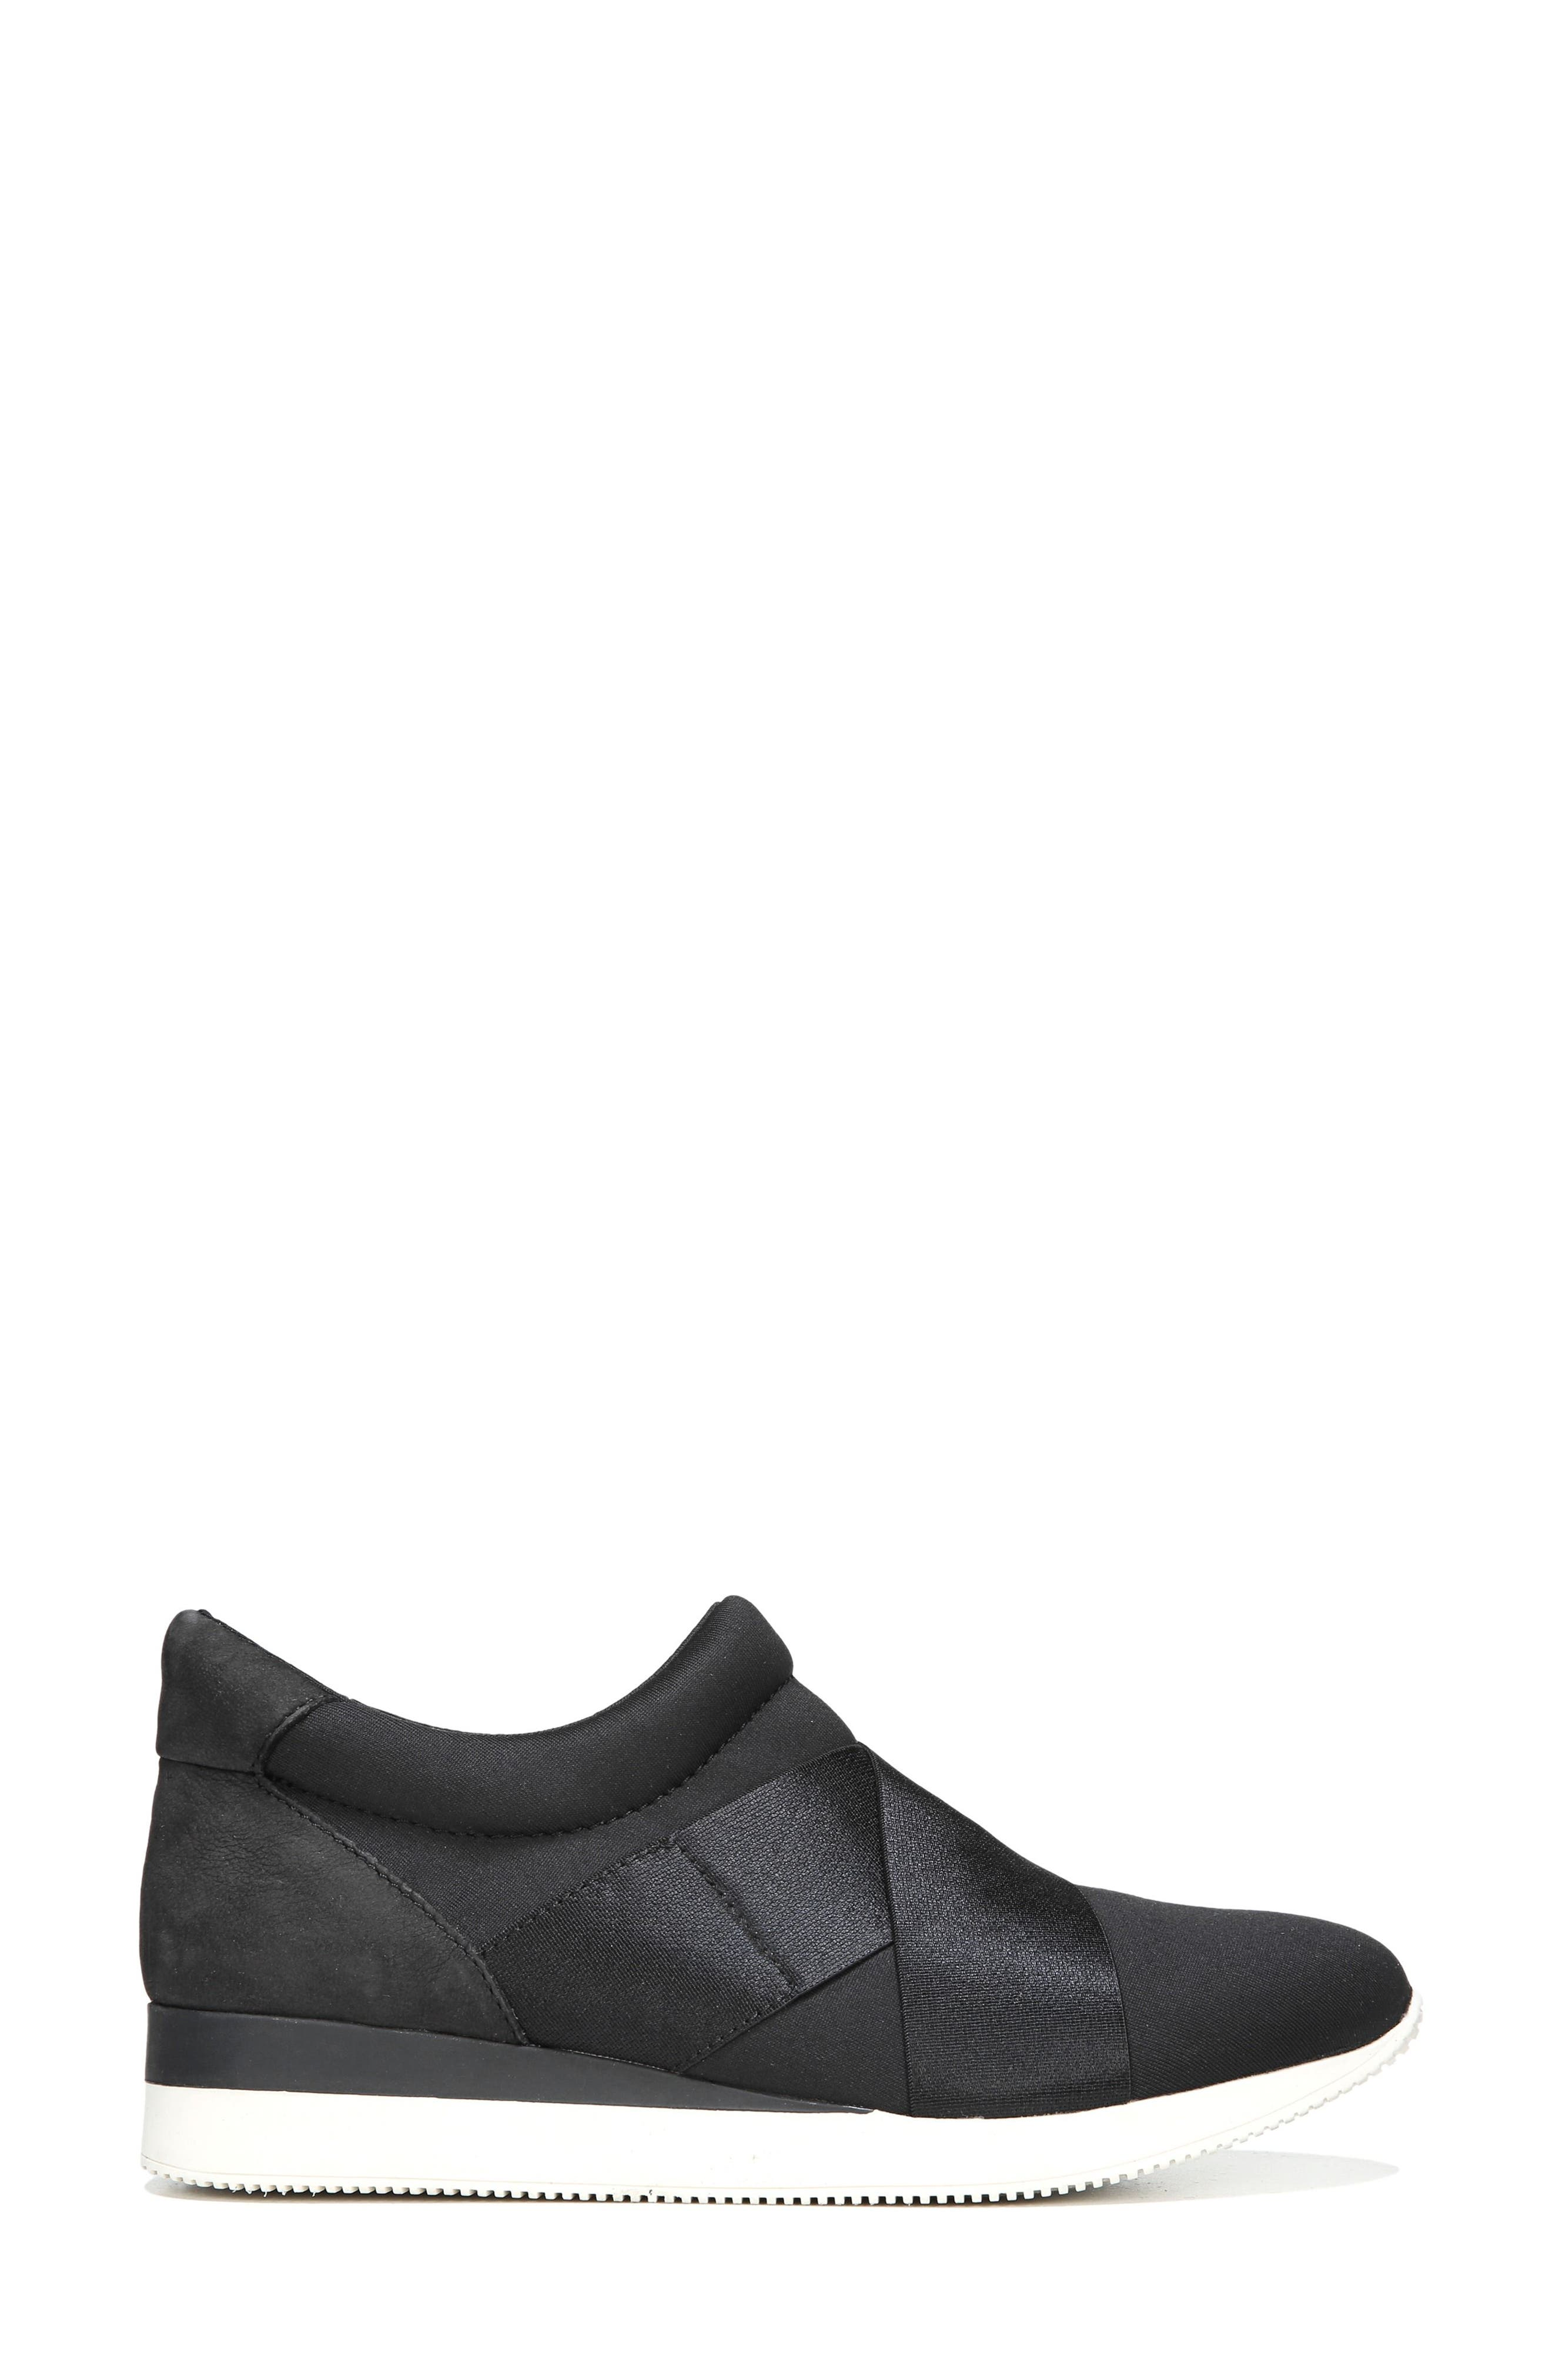 Alternate Image 3  - Naturalizer Joni Slip-On Sneaker (Women)